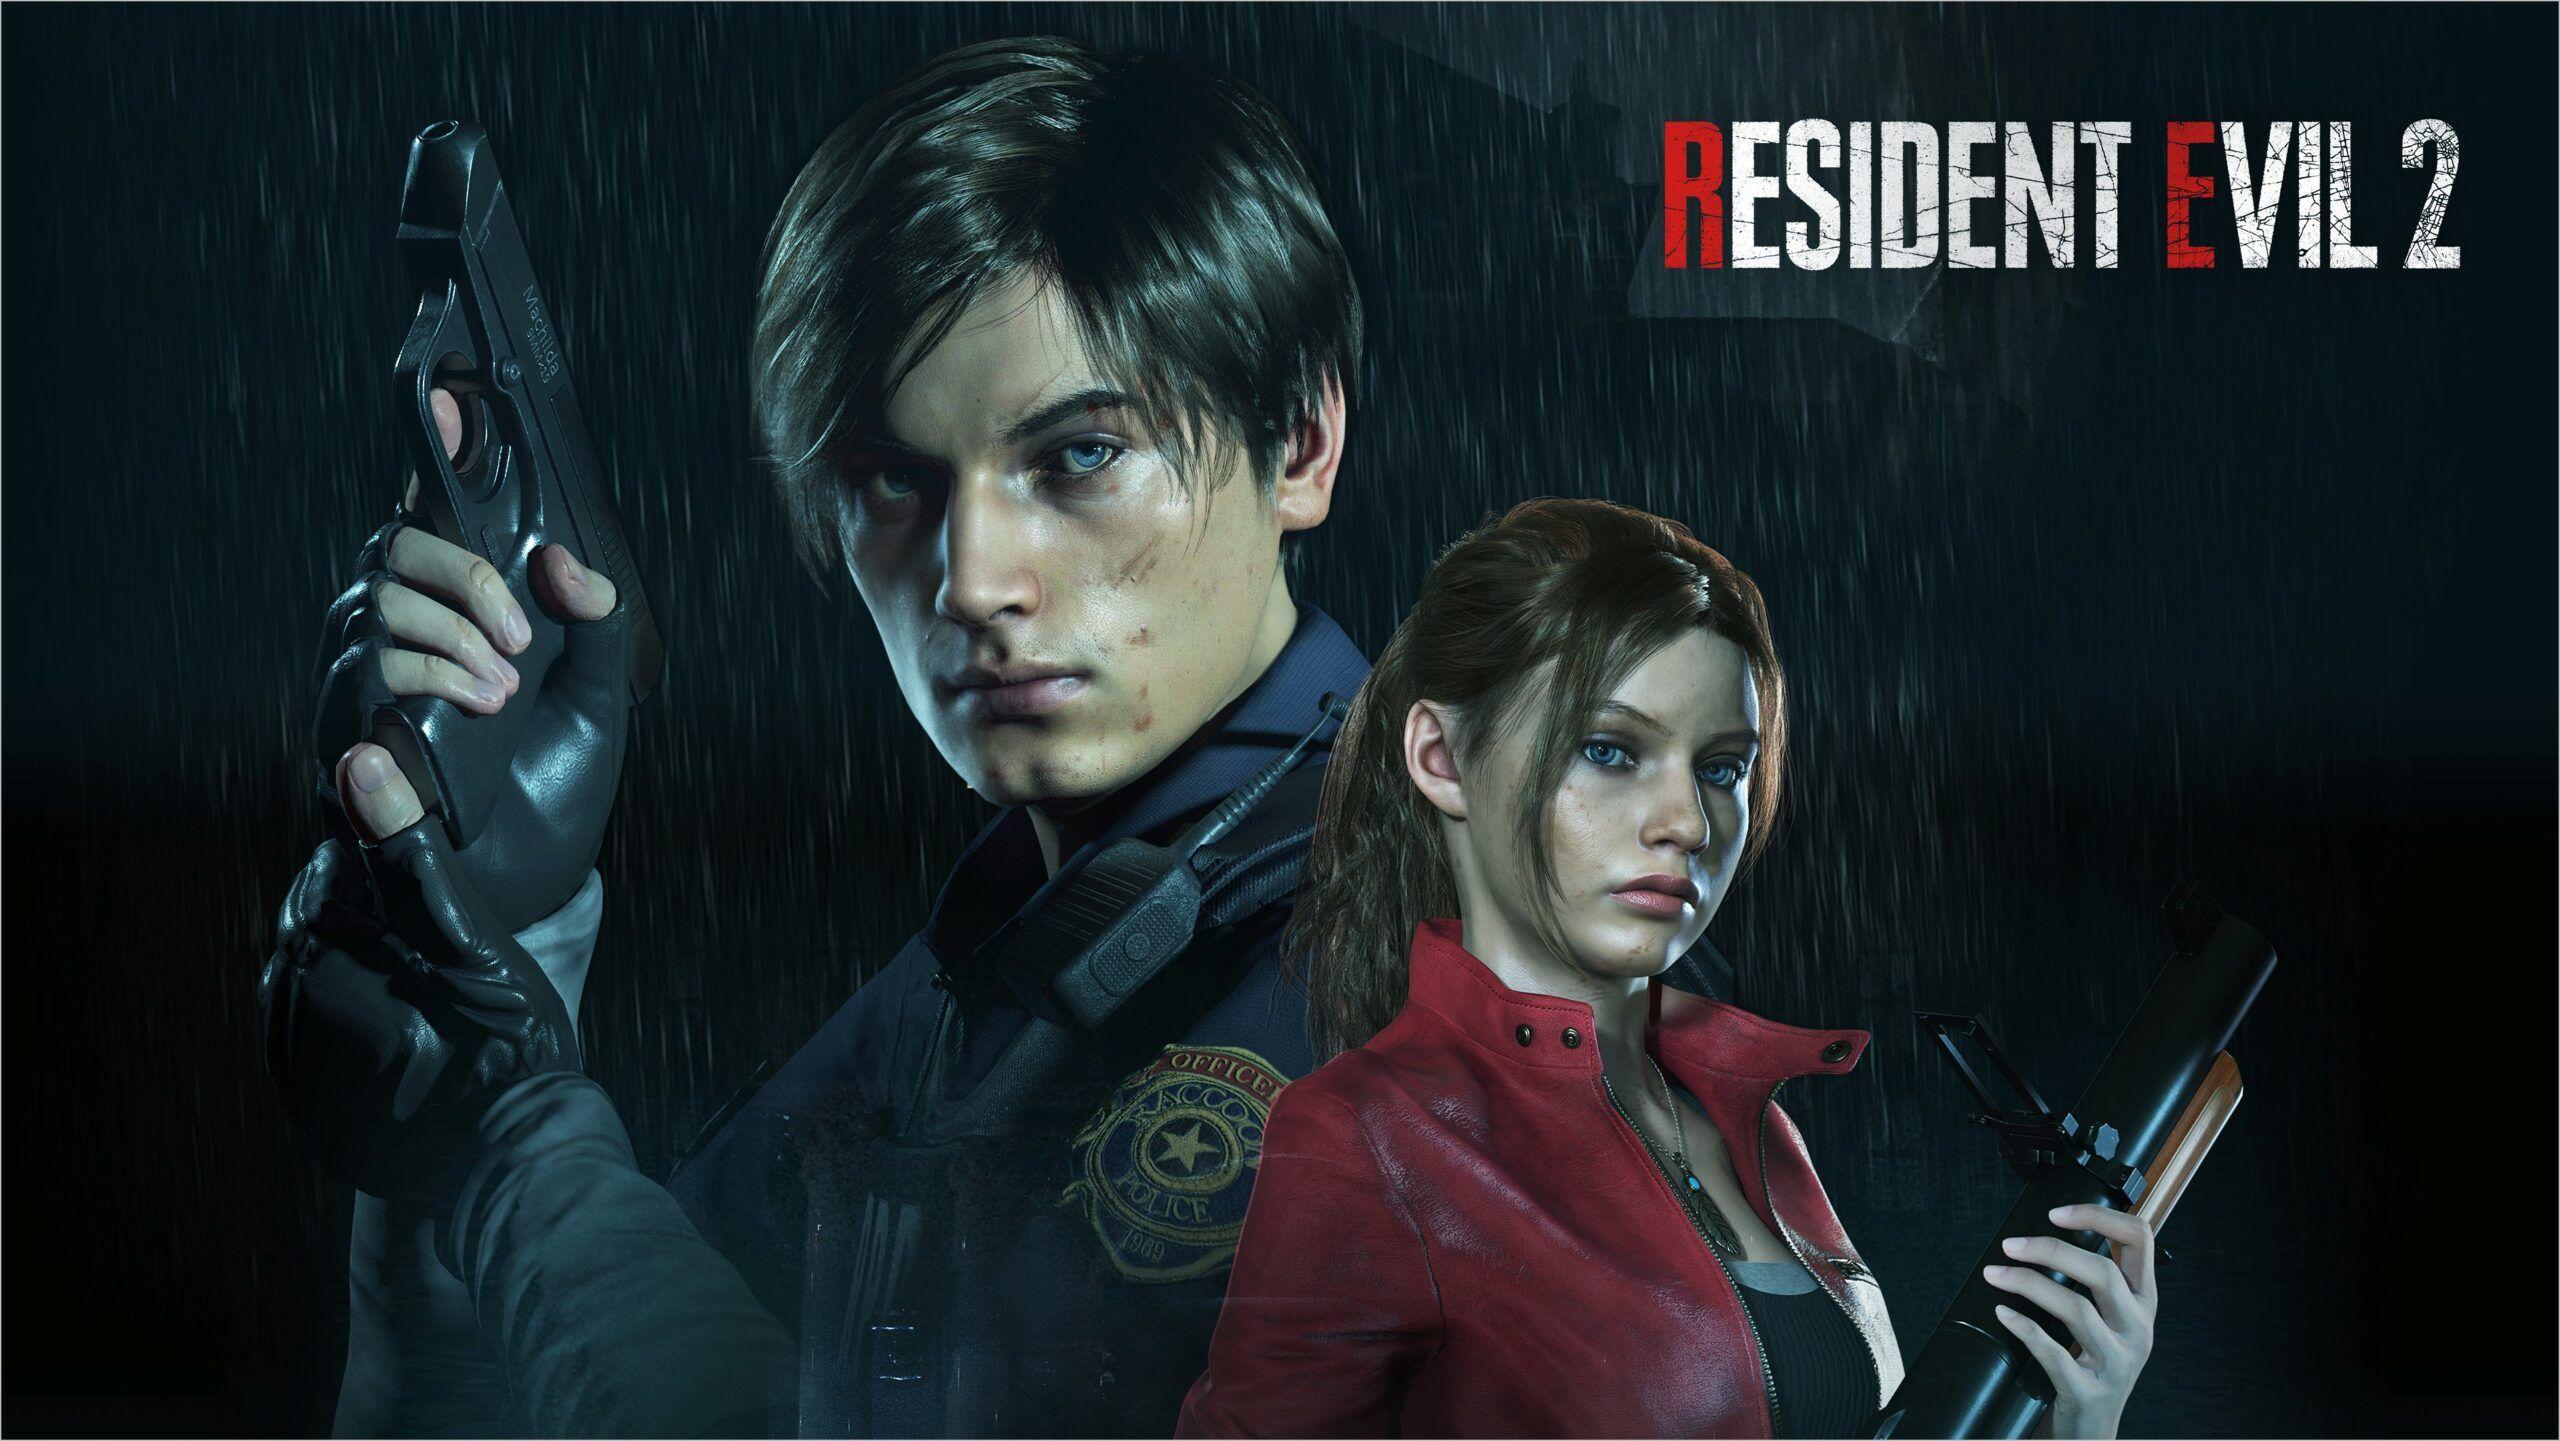 4k Wallpaper Resident Evil 2 In 2020 Resident Evil Leon Kennedy Evil